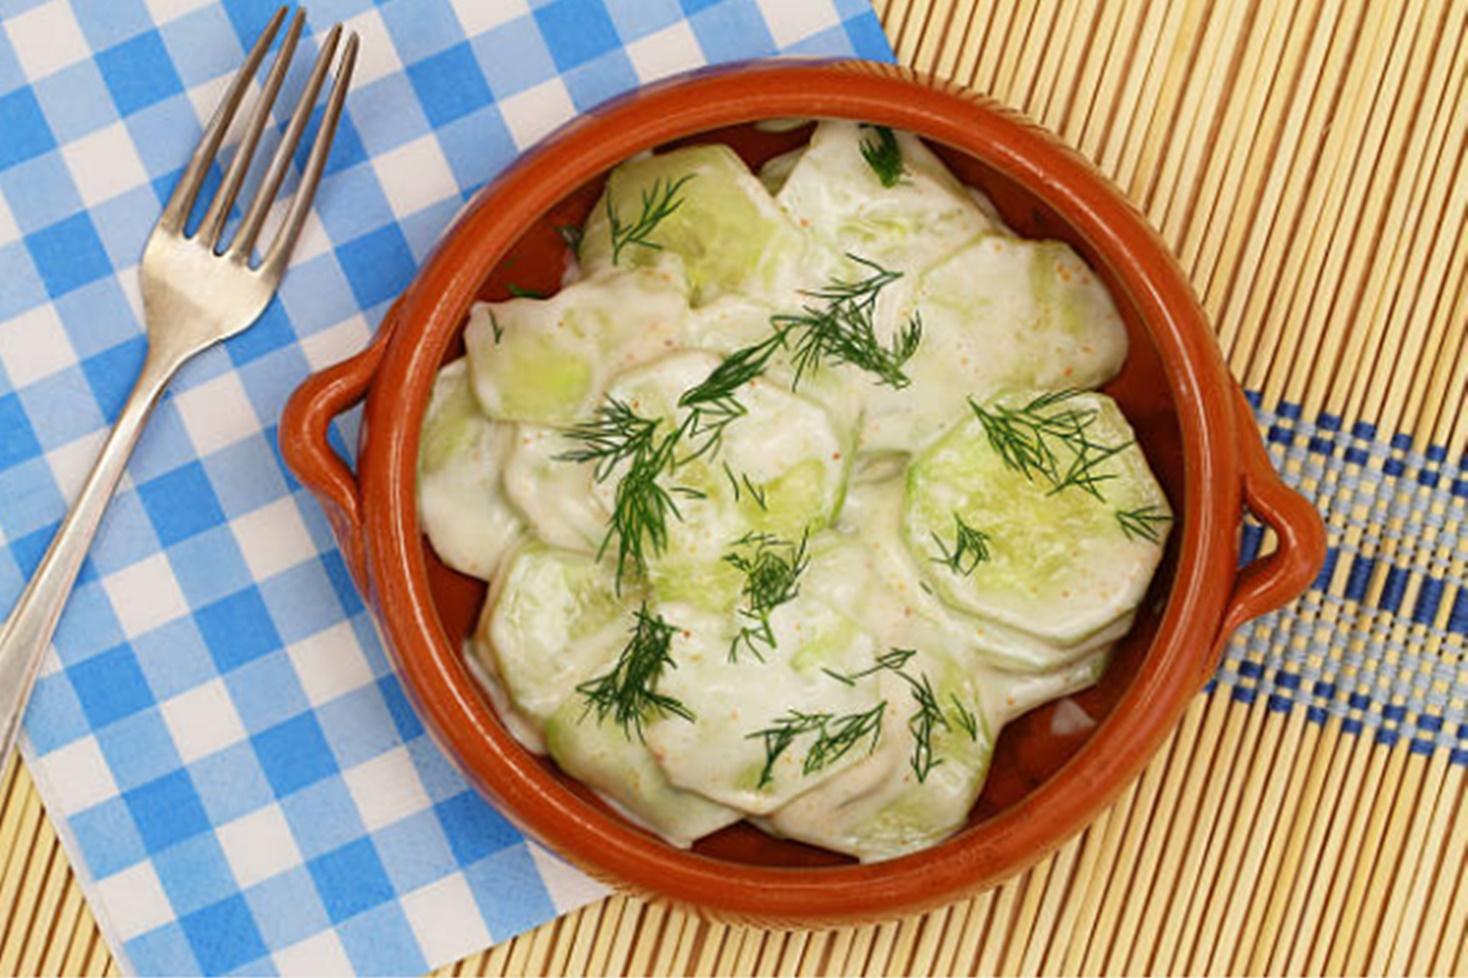 Salată de castraveți cu mujdei de usturoi și mărar. Cea mai simplă salată de vară